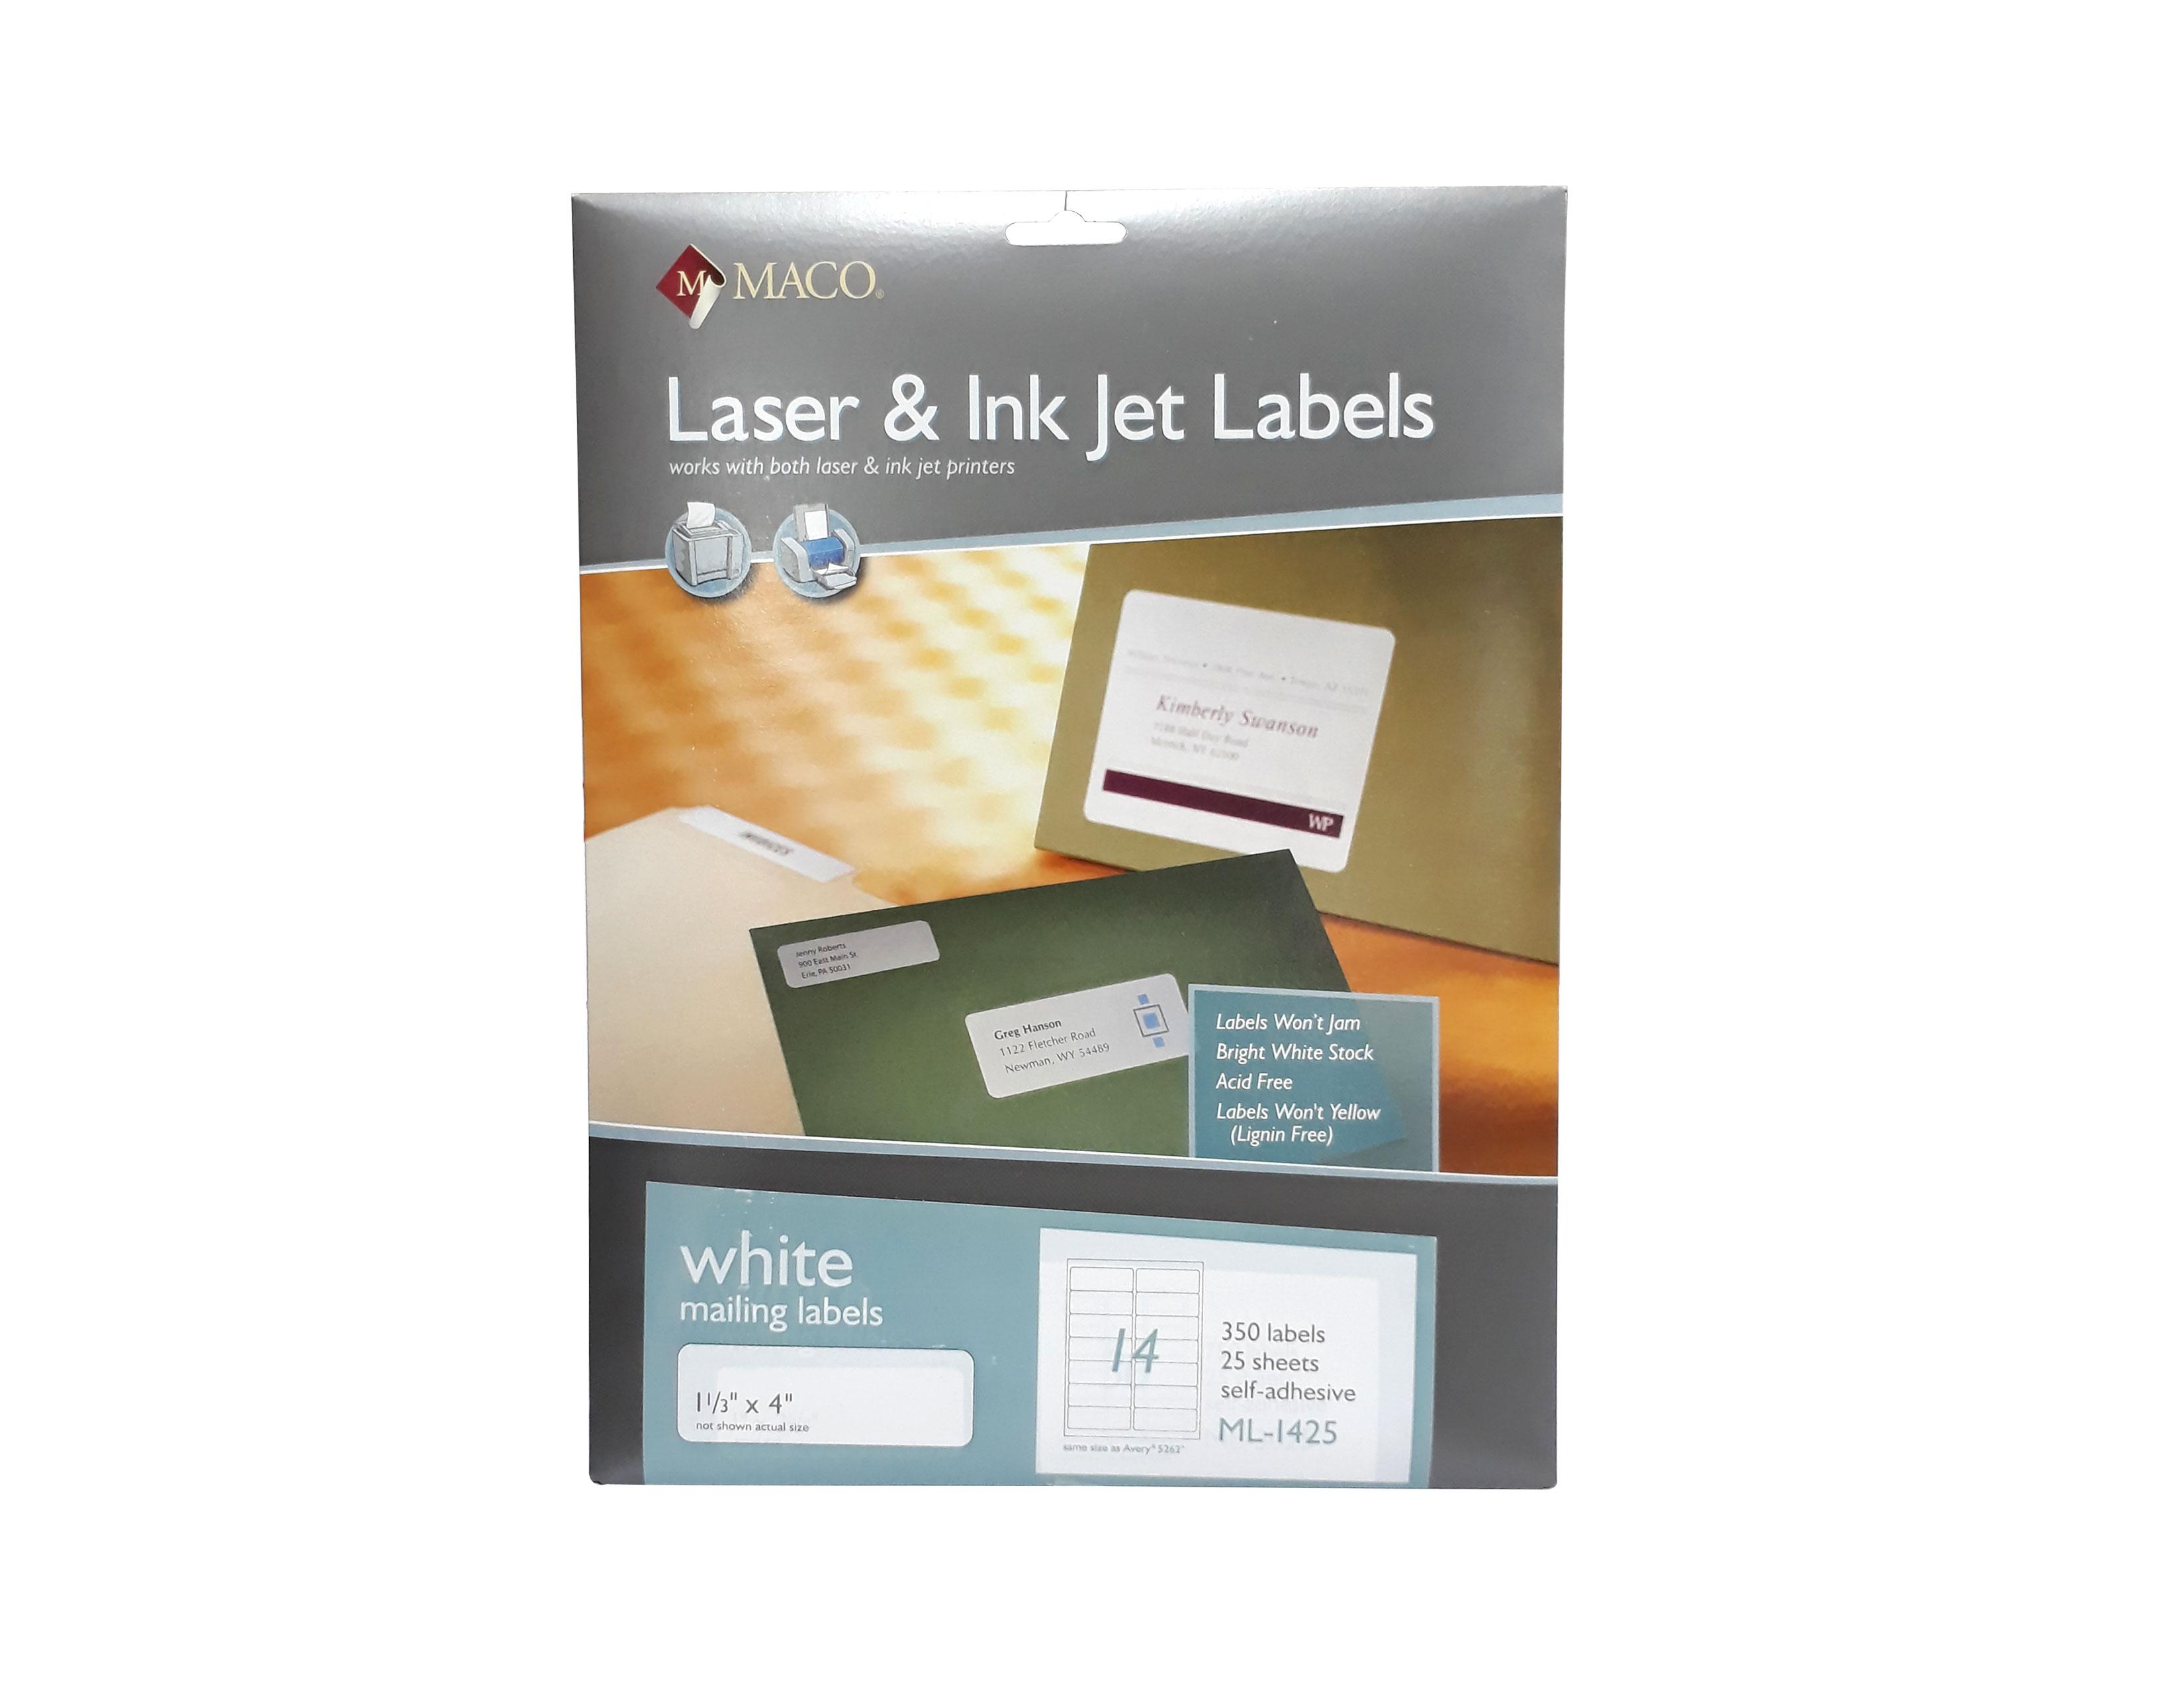 ETIQUETAS 1 1/3X4 ML-1425 LASER & INK-JET